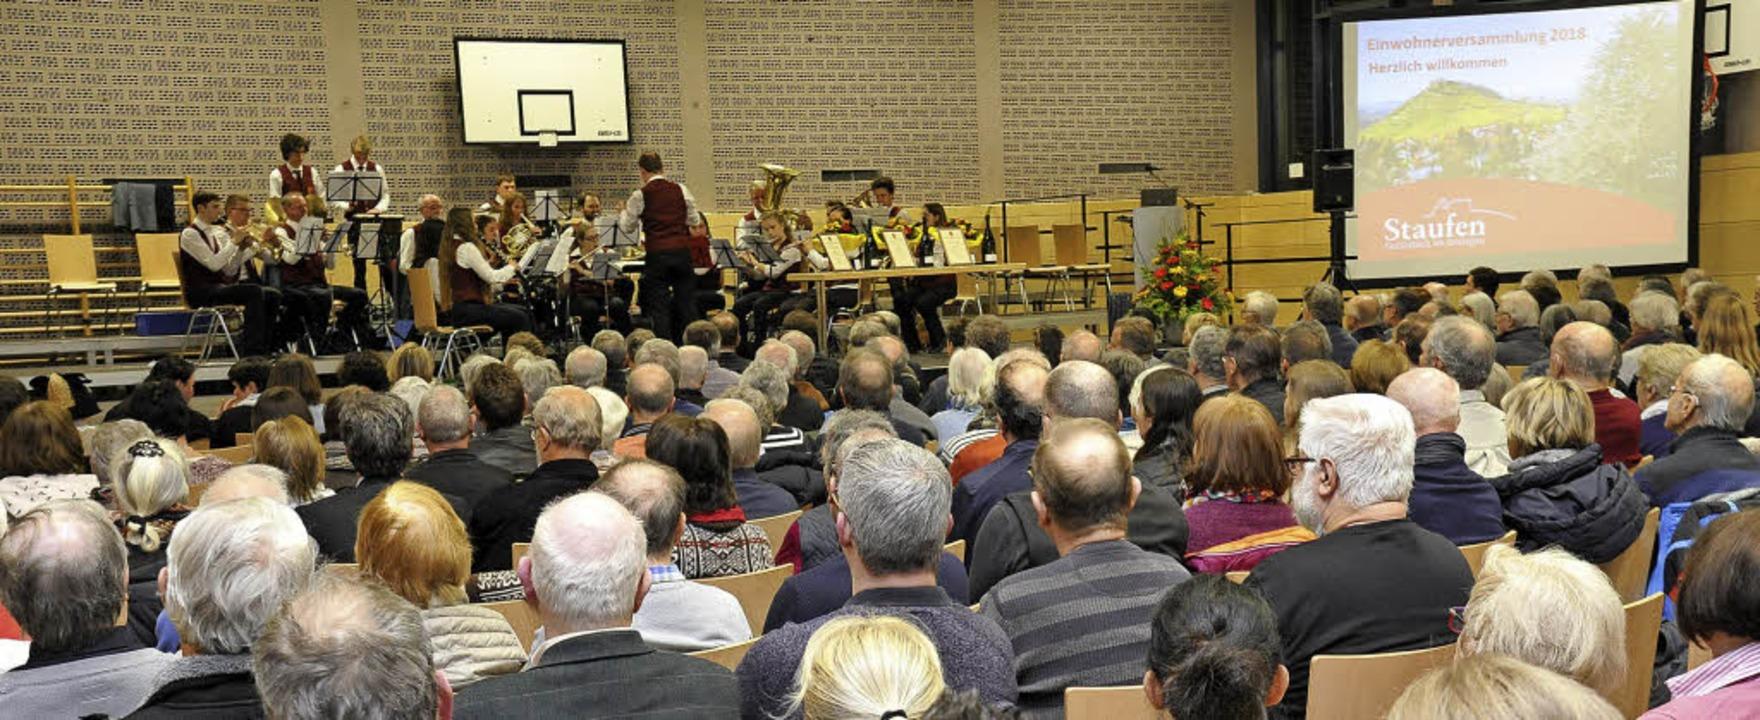 Rekordbesuch: Fast 300 Einwohner wollt...Stadtmusik  stimmungsvoll aufspielte.   | Foto: Hans-Peter Müller